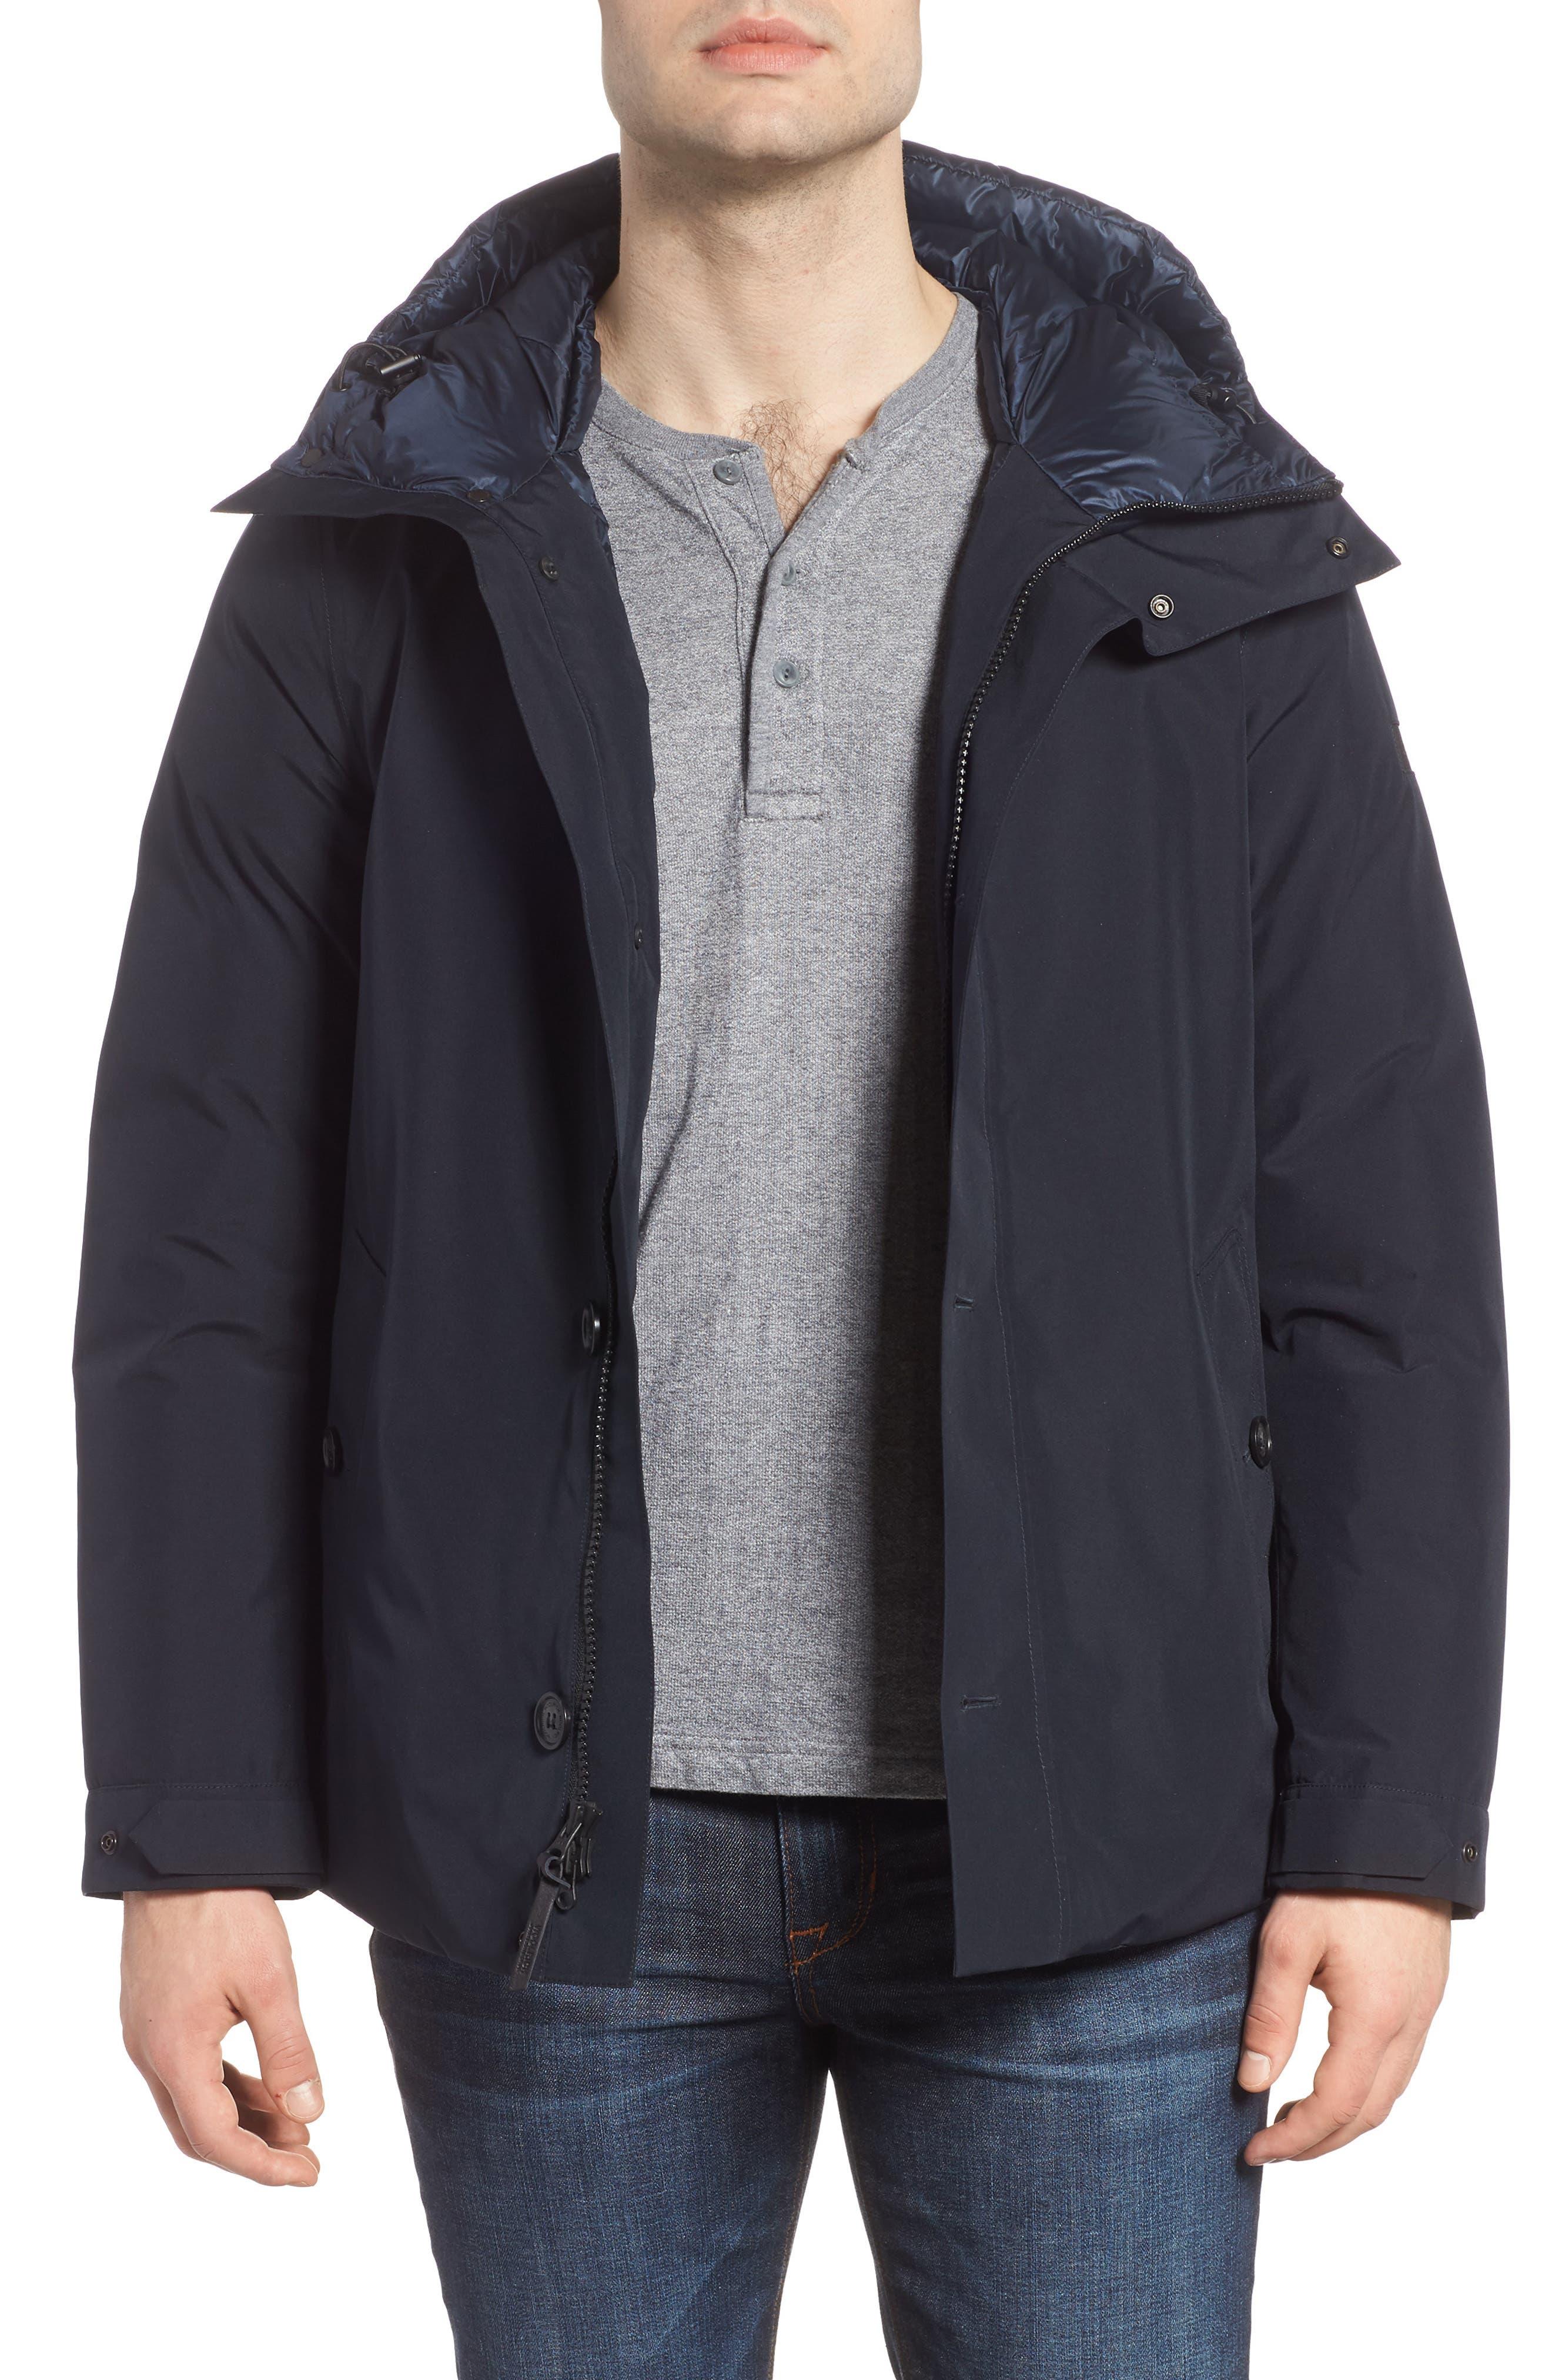 WOOLRICH Waterproof Gore-Tex<sup>®</sup> Alpine Jacket, Main, color, 414